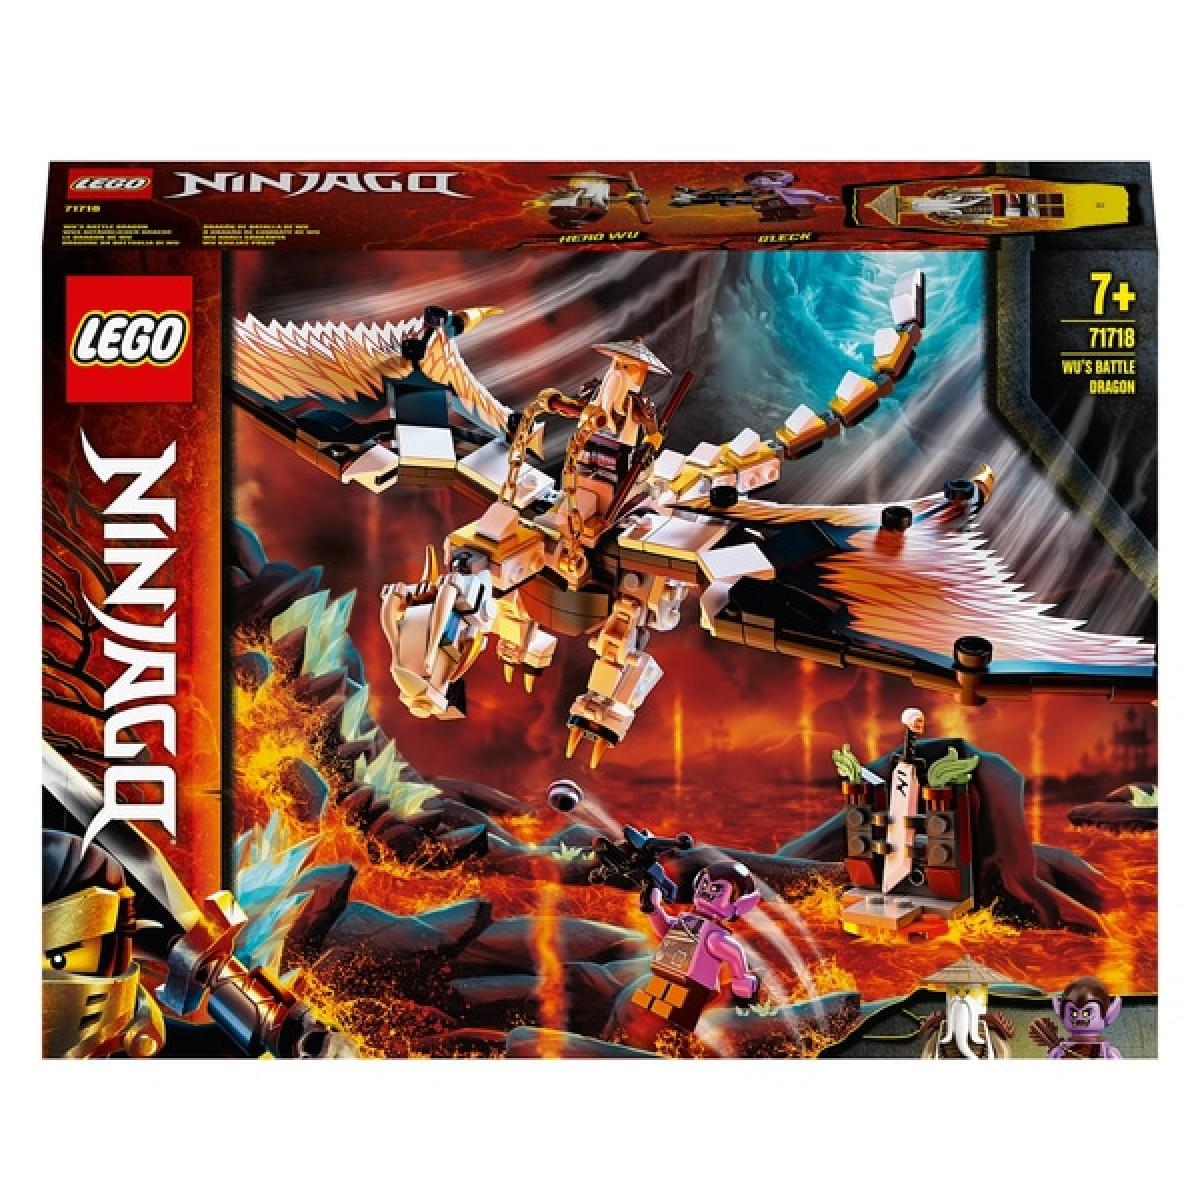 LEGO Ninjago 71718 Wu's Battle Dragon - Framlingham Toy Shop